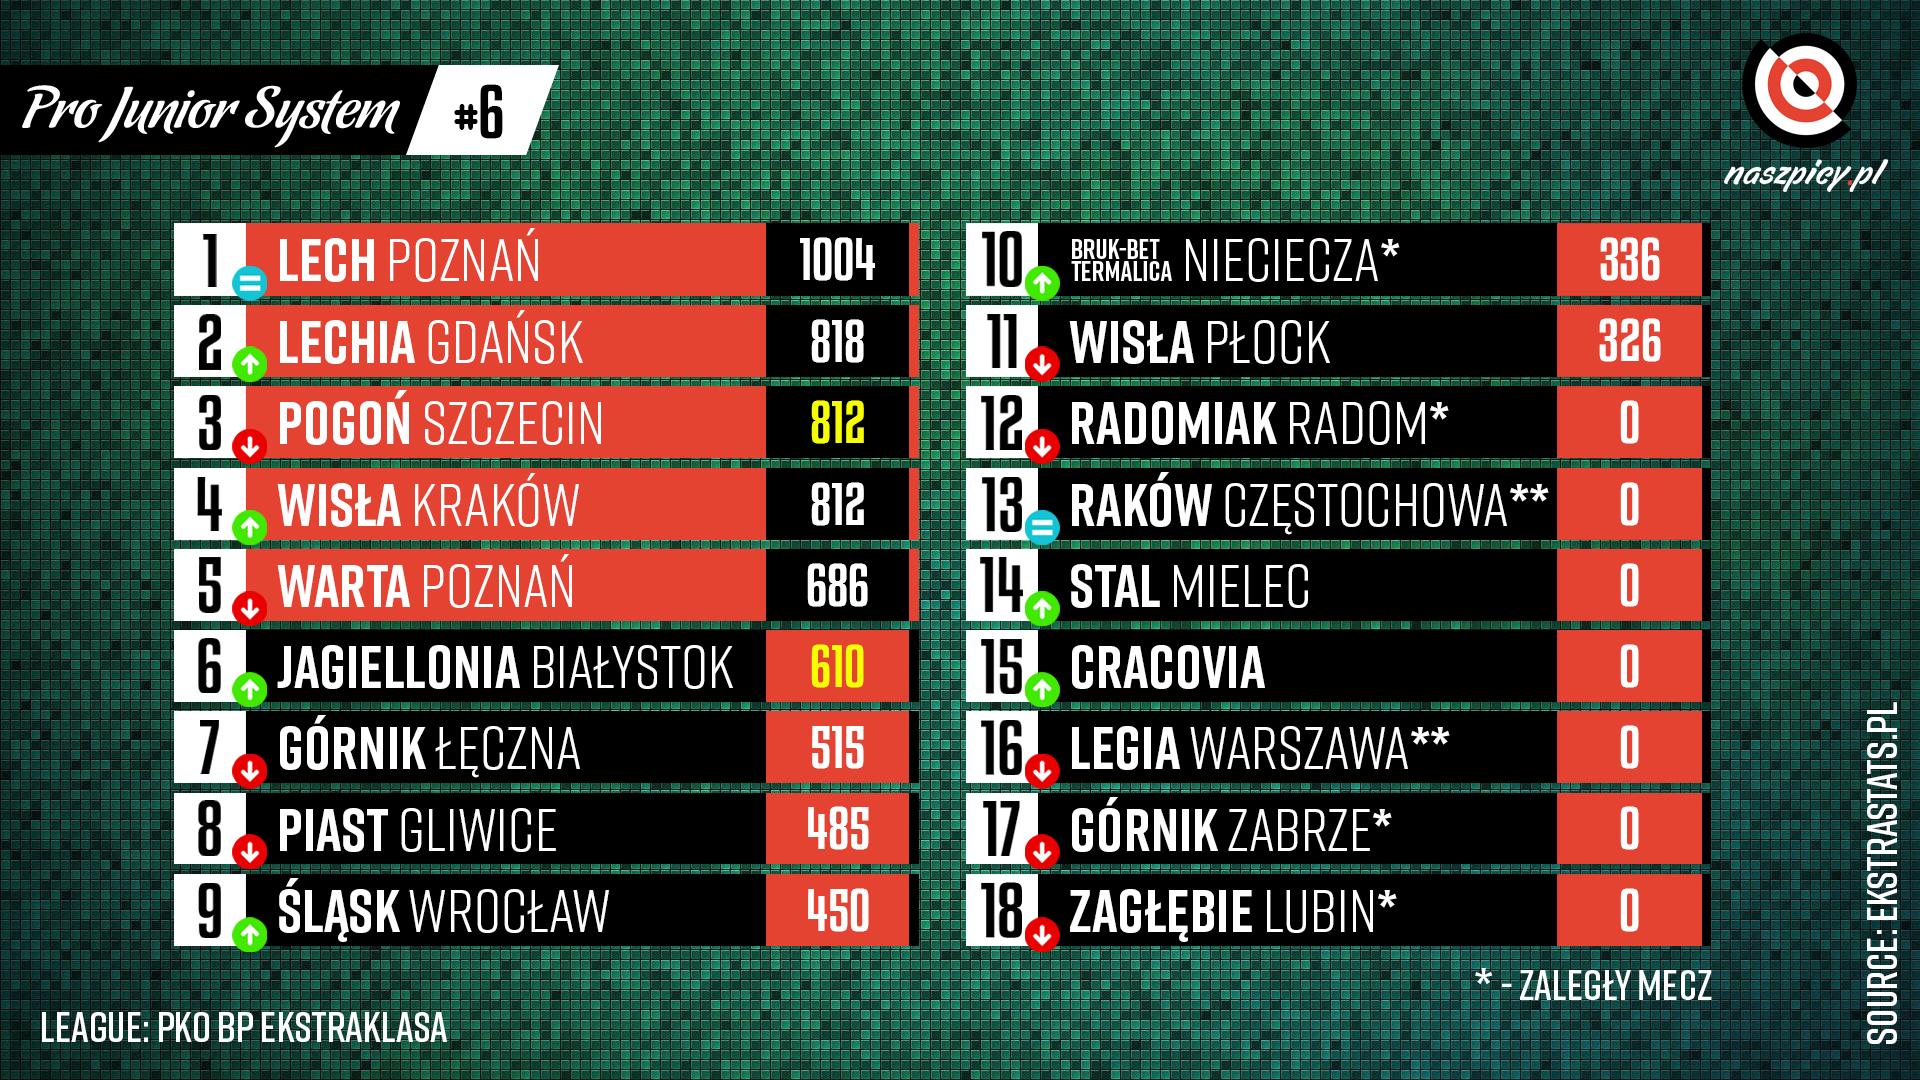 Klasyfikacja Pro Junior System po 6. kolejce PKO Ekstraklasy 2021-22<br><br>Źródło: Opracowanie własne na podstawie ekstrastats.pl<br><br>graf. Bartosz Urban